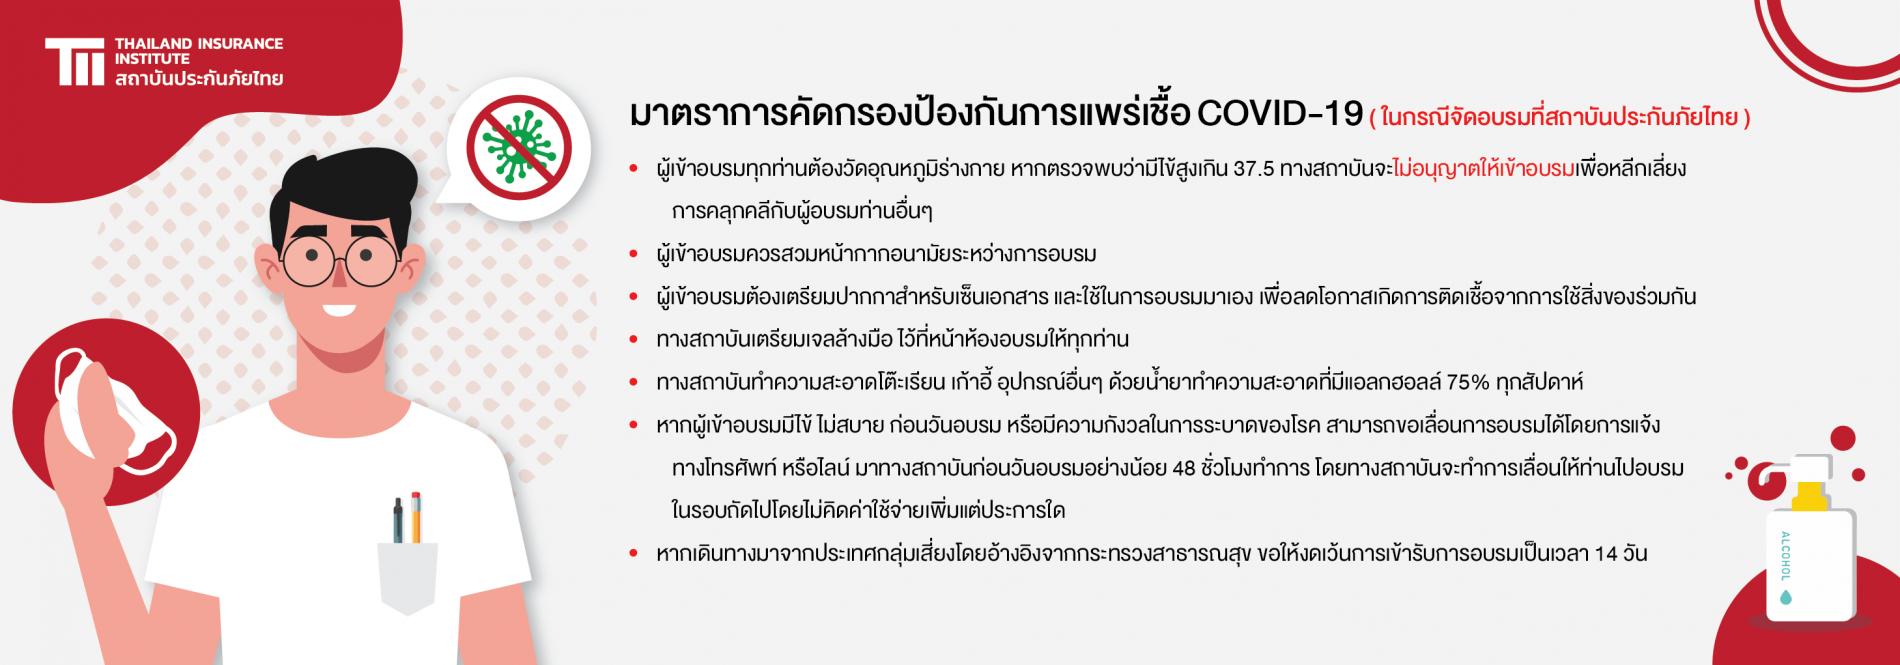 มาตรการดูแลผู้เข้าอบรมจากไวรัส COVID-19 2